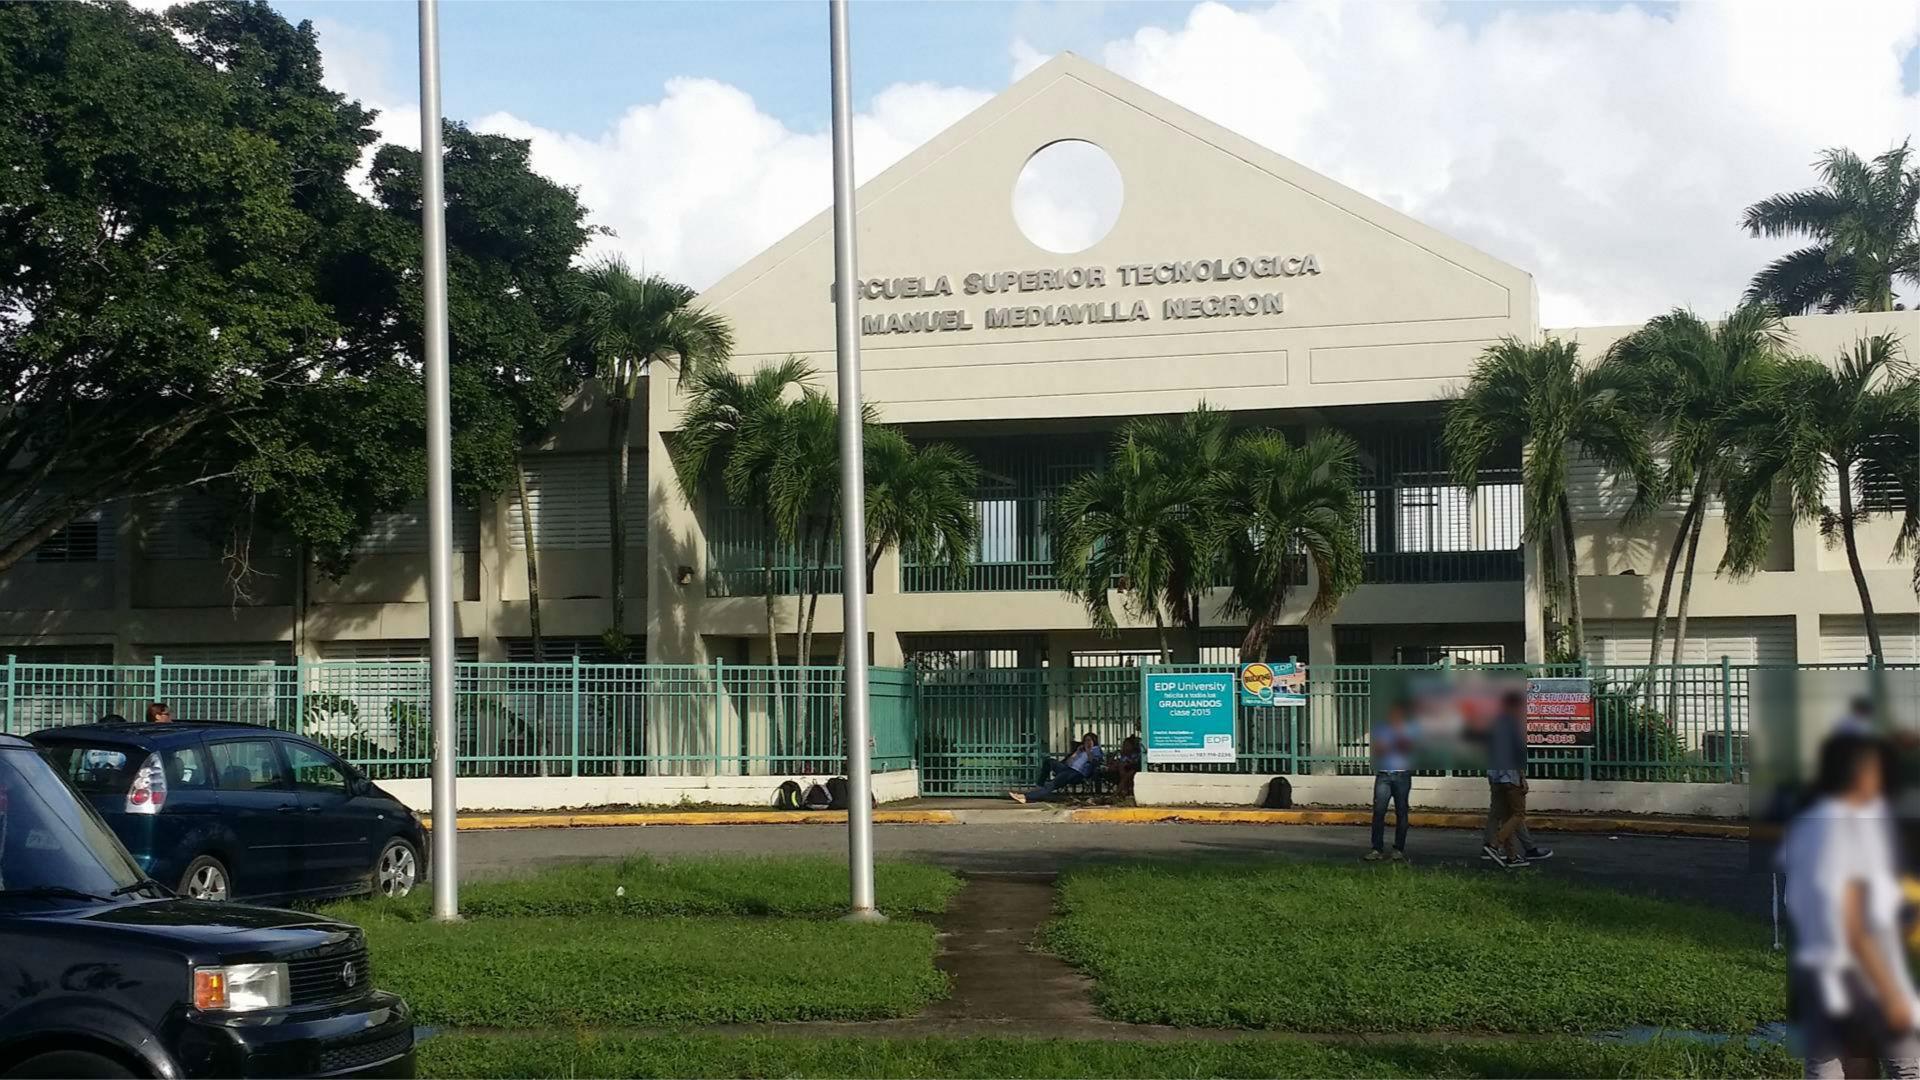 Solo algunos estudiantes estaban en la fachada principal de la escuela. Los estudiantes no cogieron clases durante horas de la mañana.